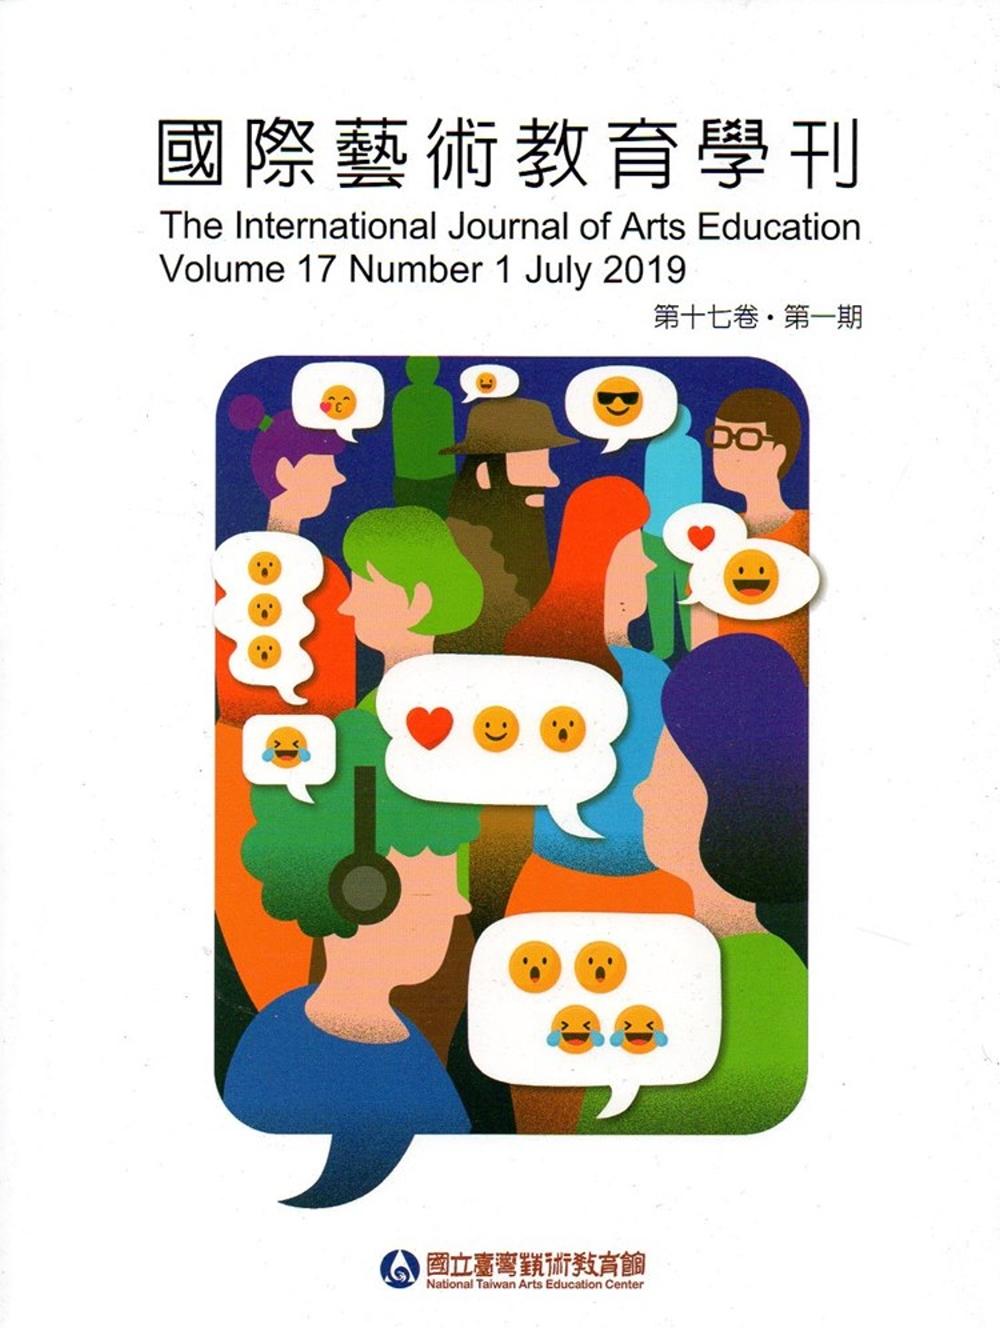 國際藝術教育學刊第17卷1期(2019/07)半年刊